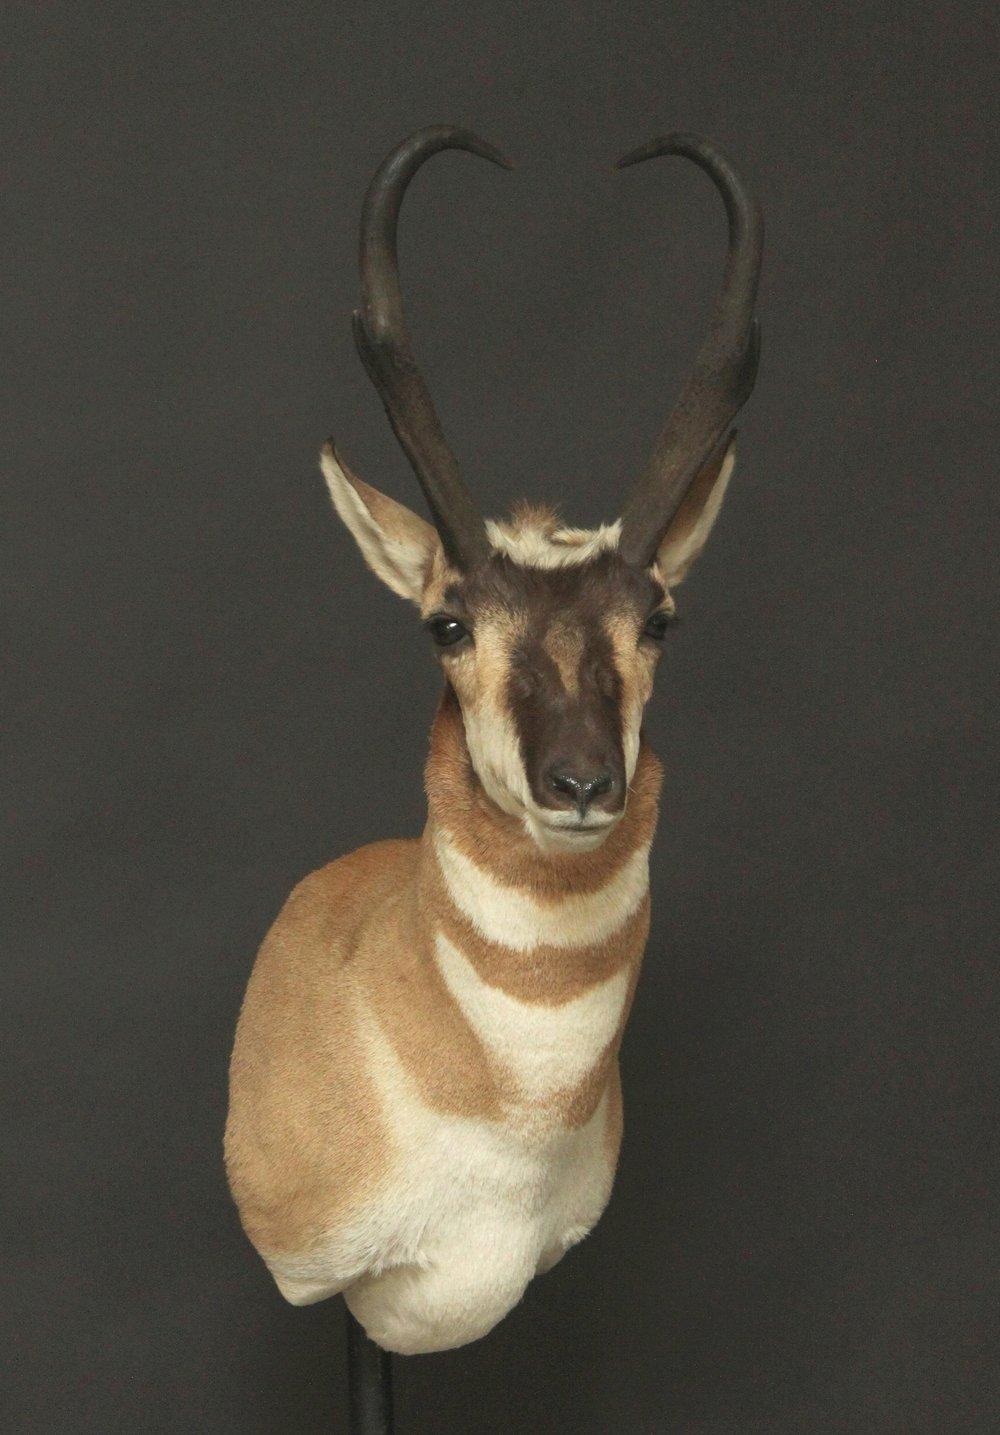 Antelope02